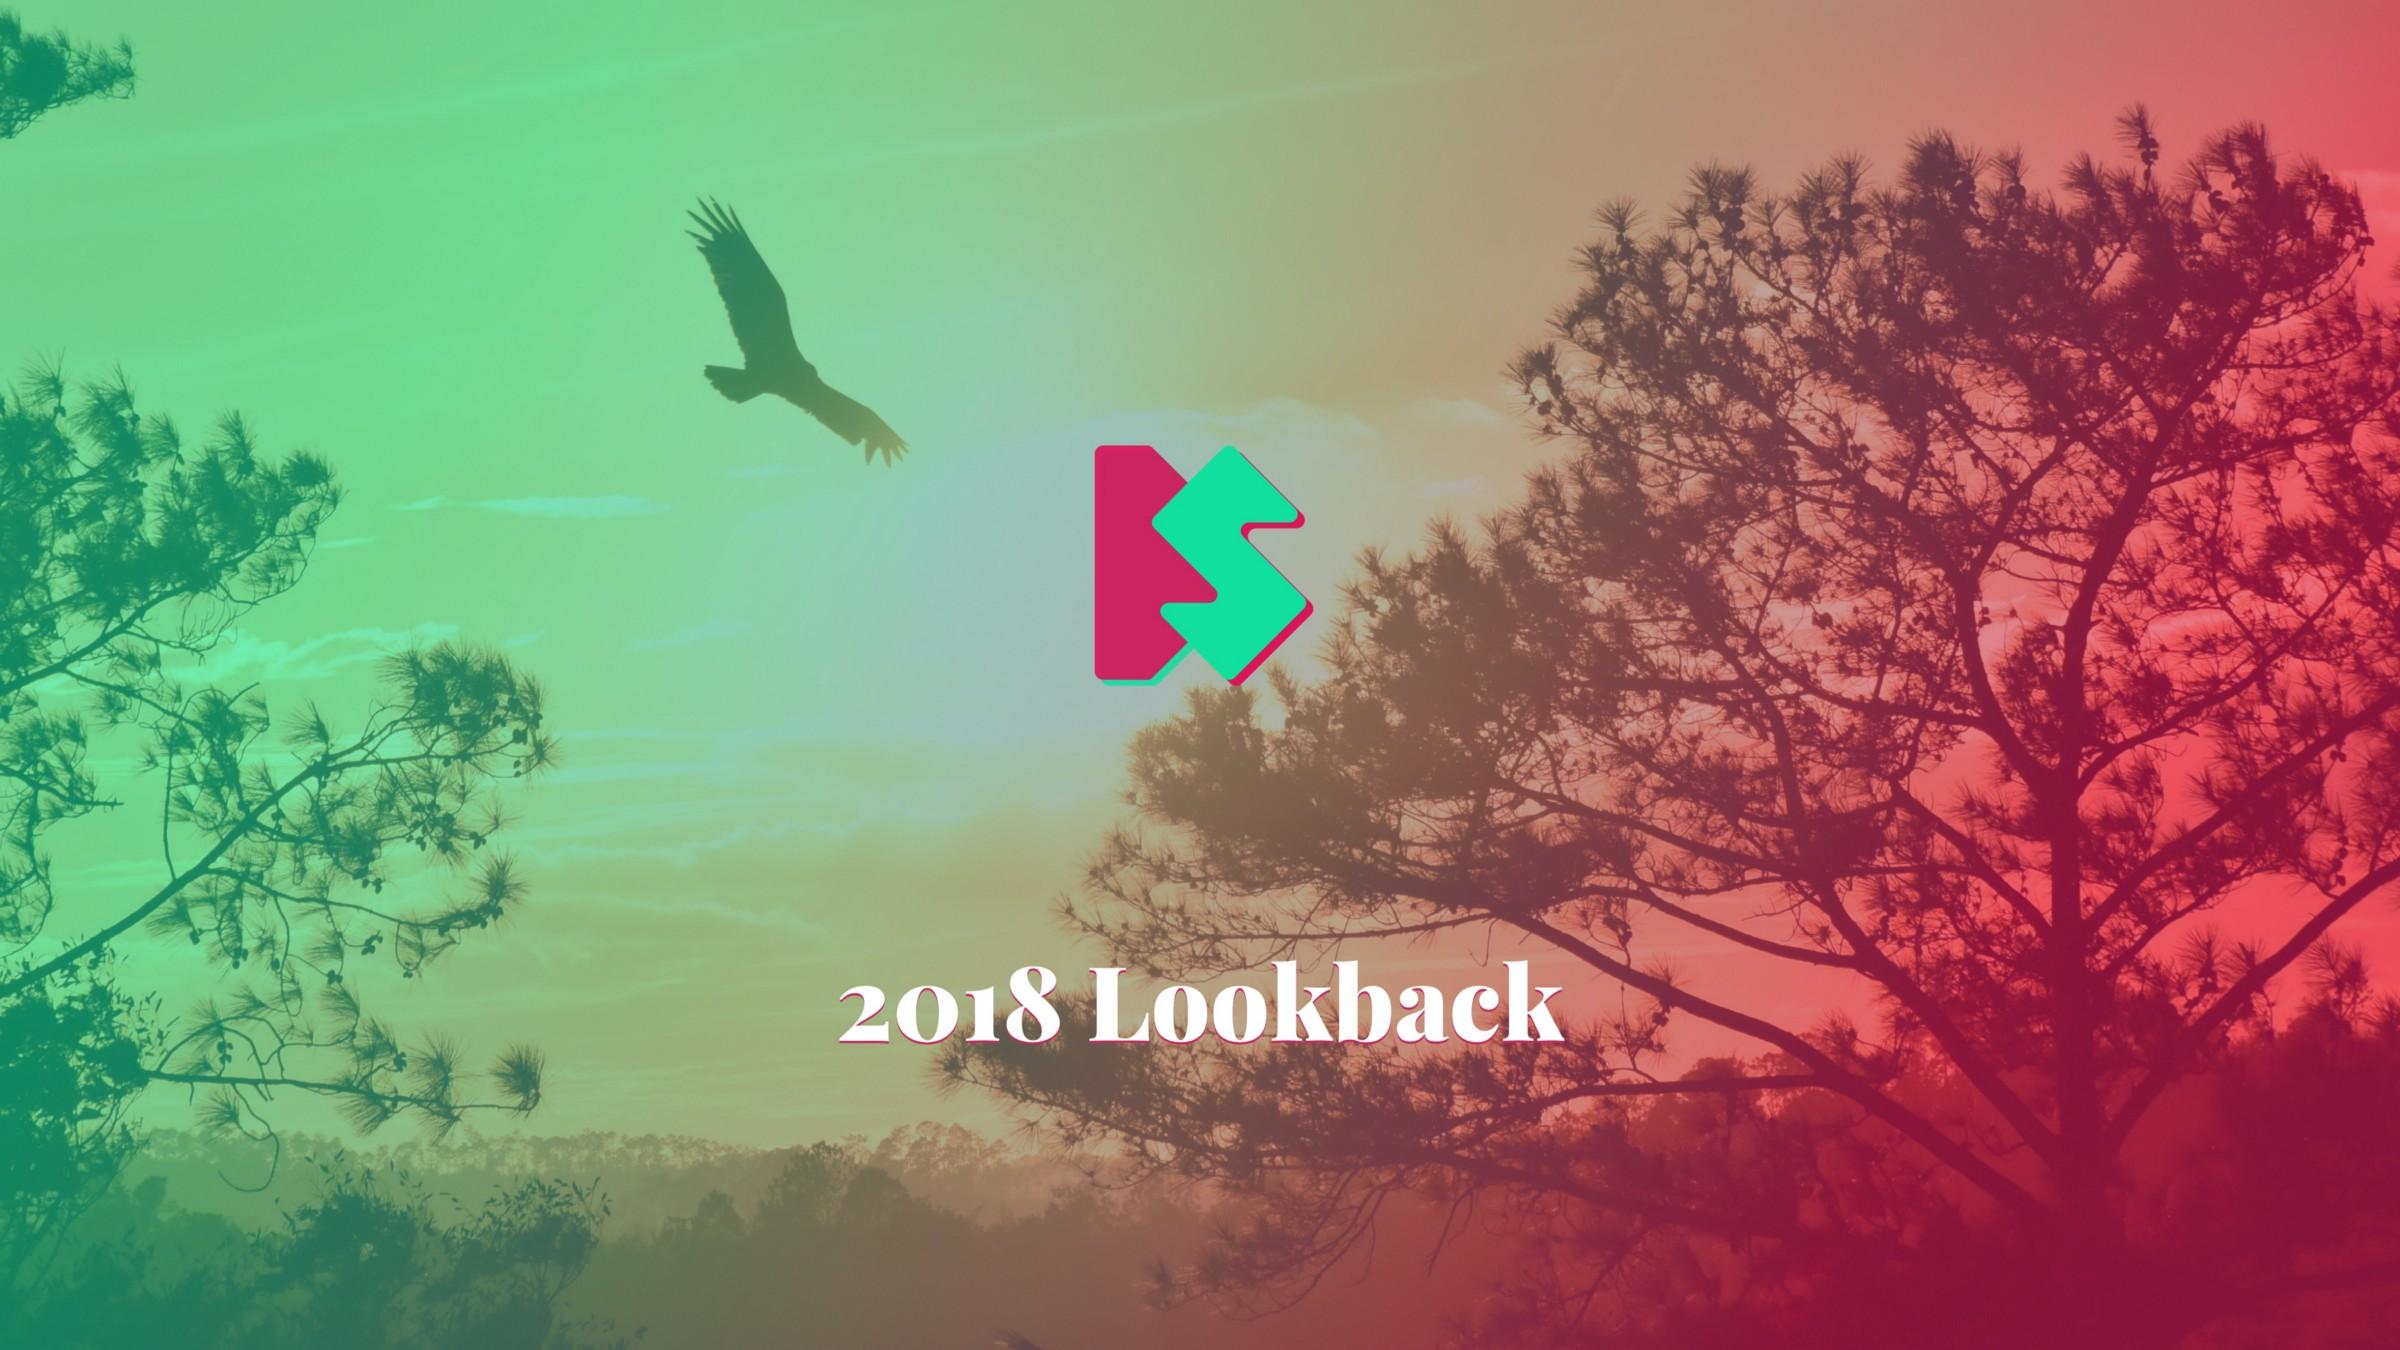 2018: My Technology Retrospective - By